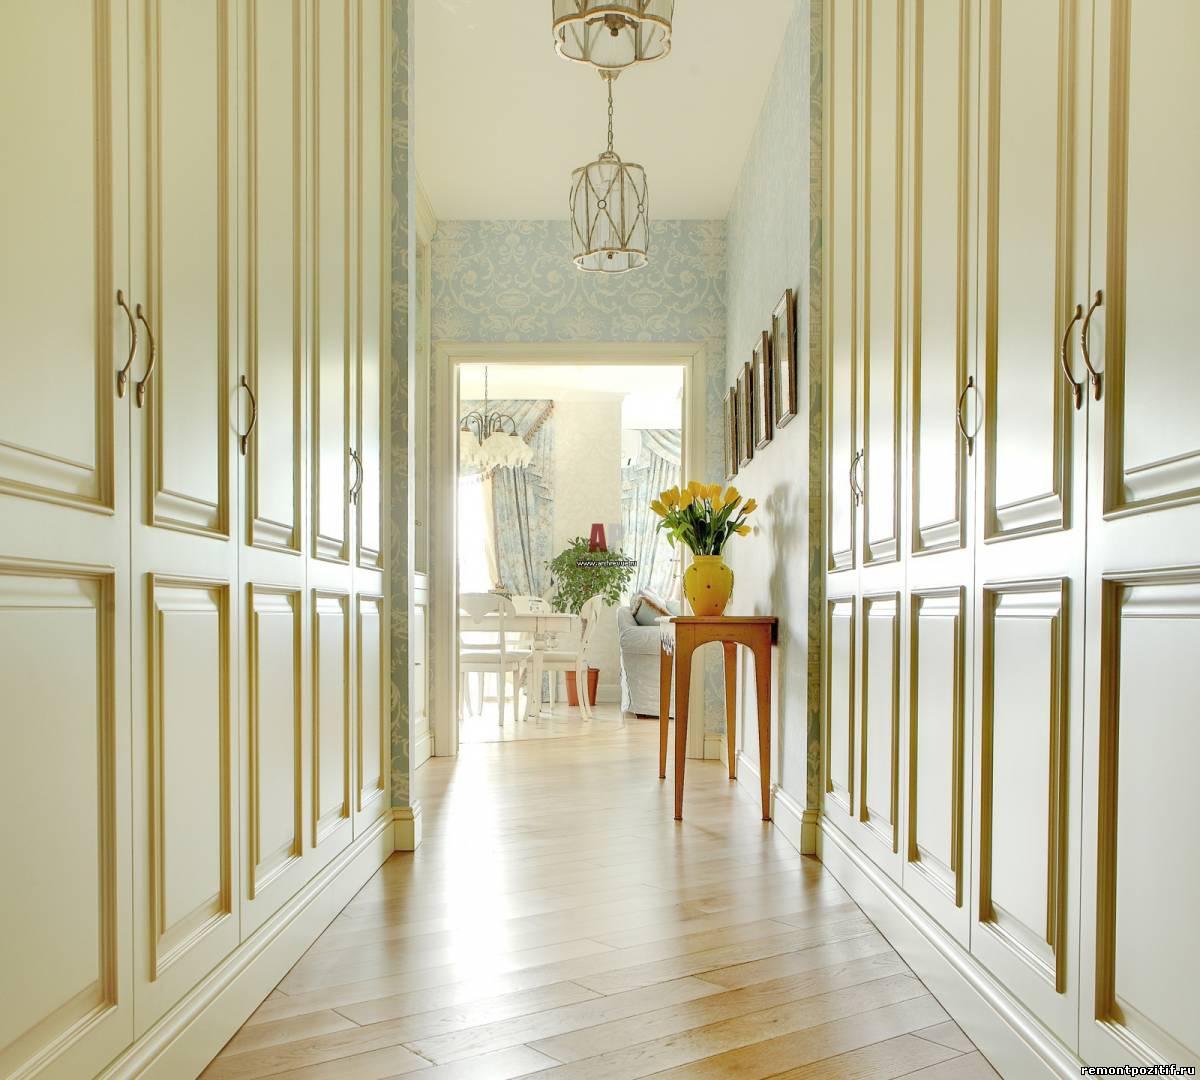 интерьер узкого коридора со шкафами